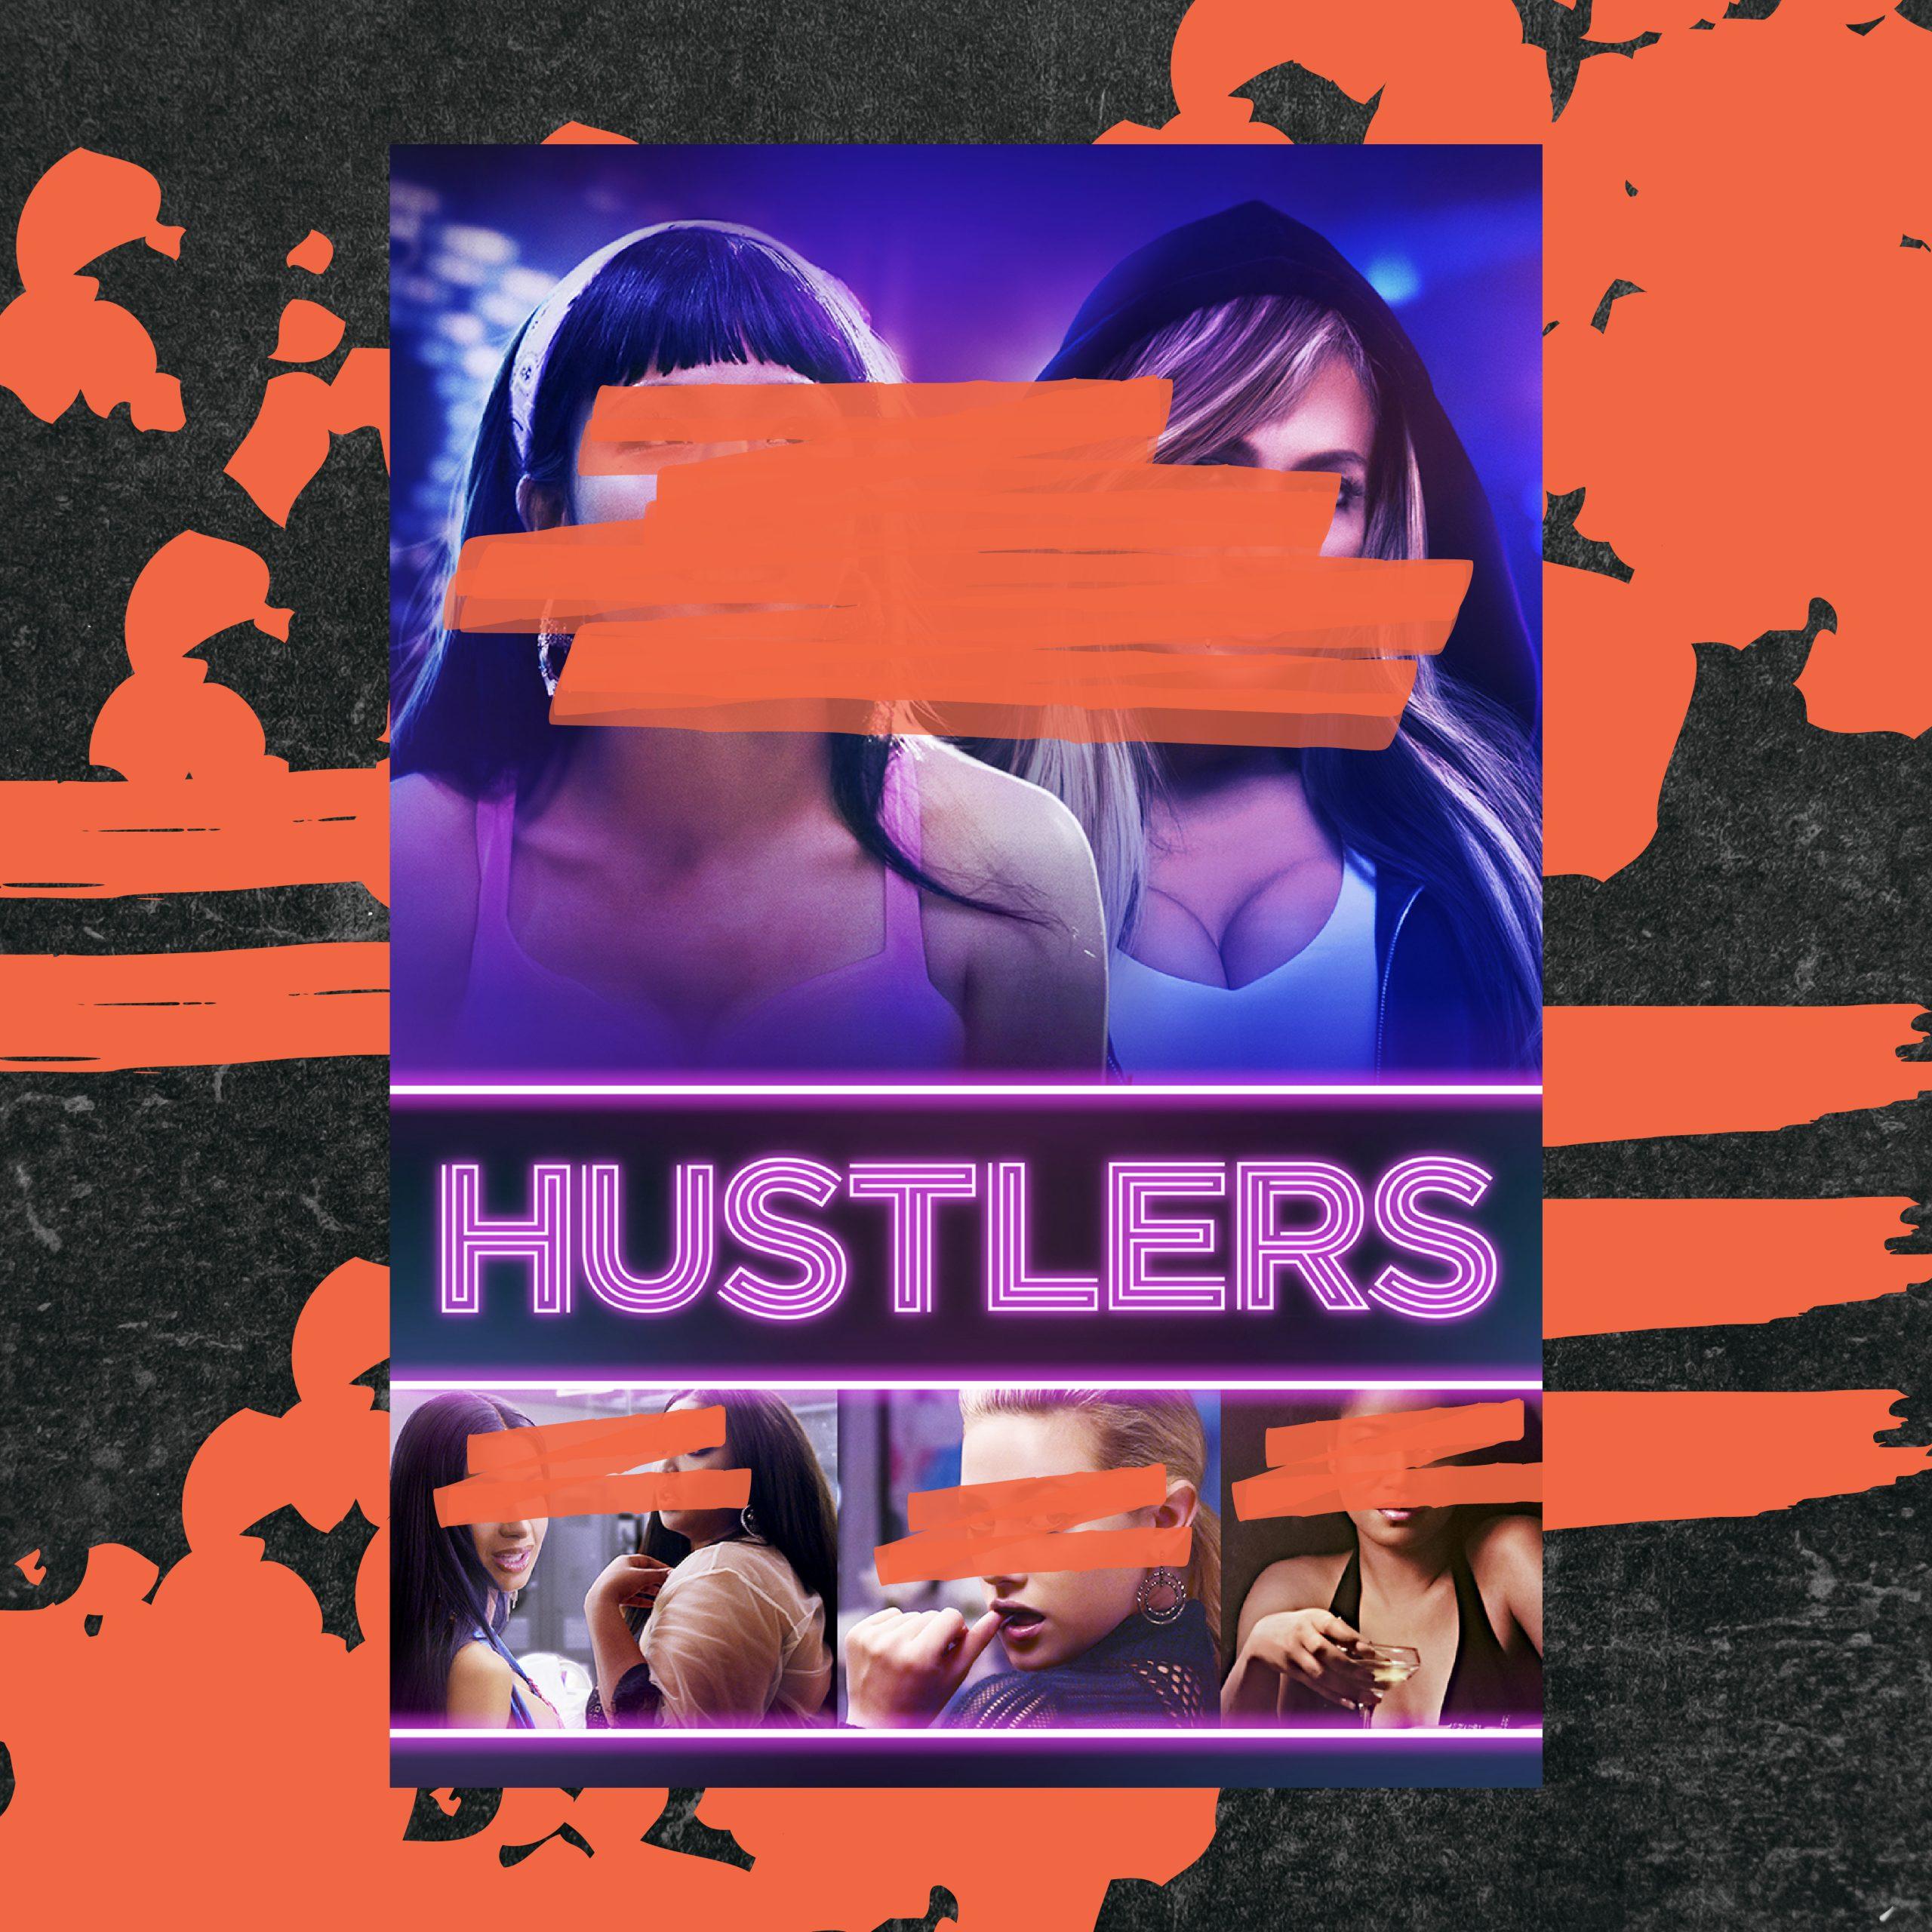 hustlers-01